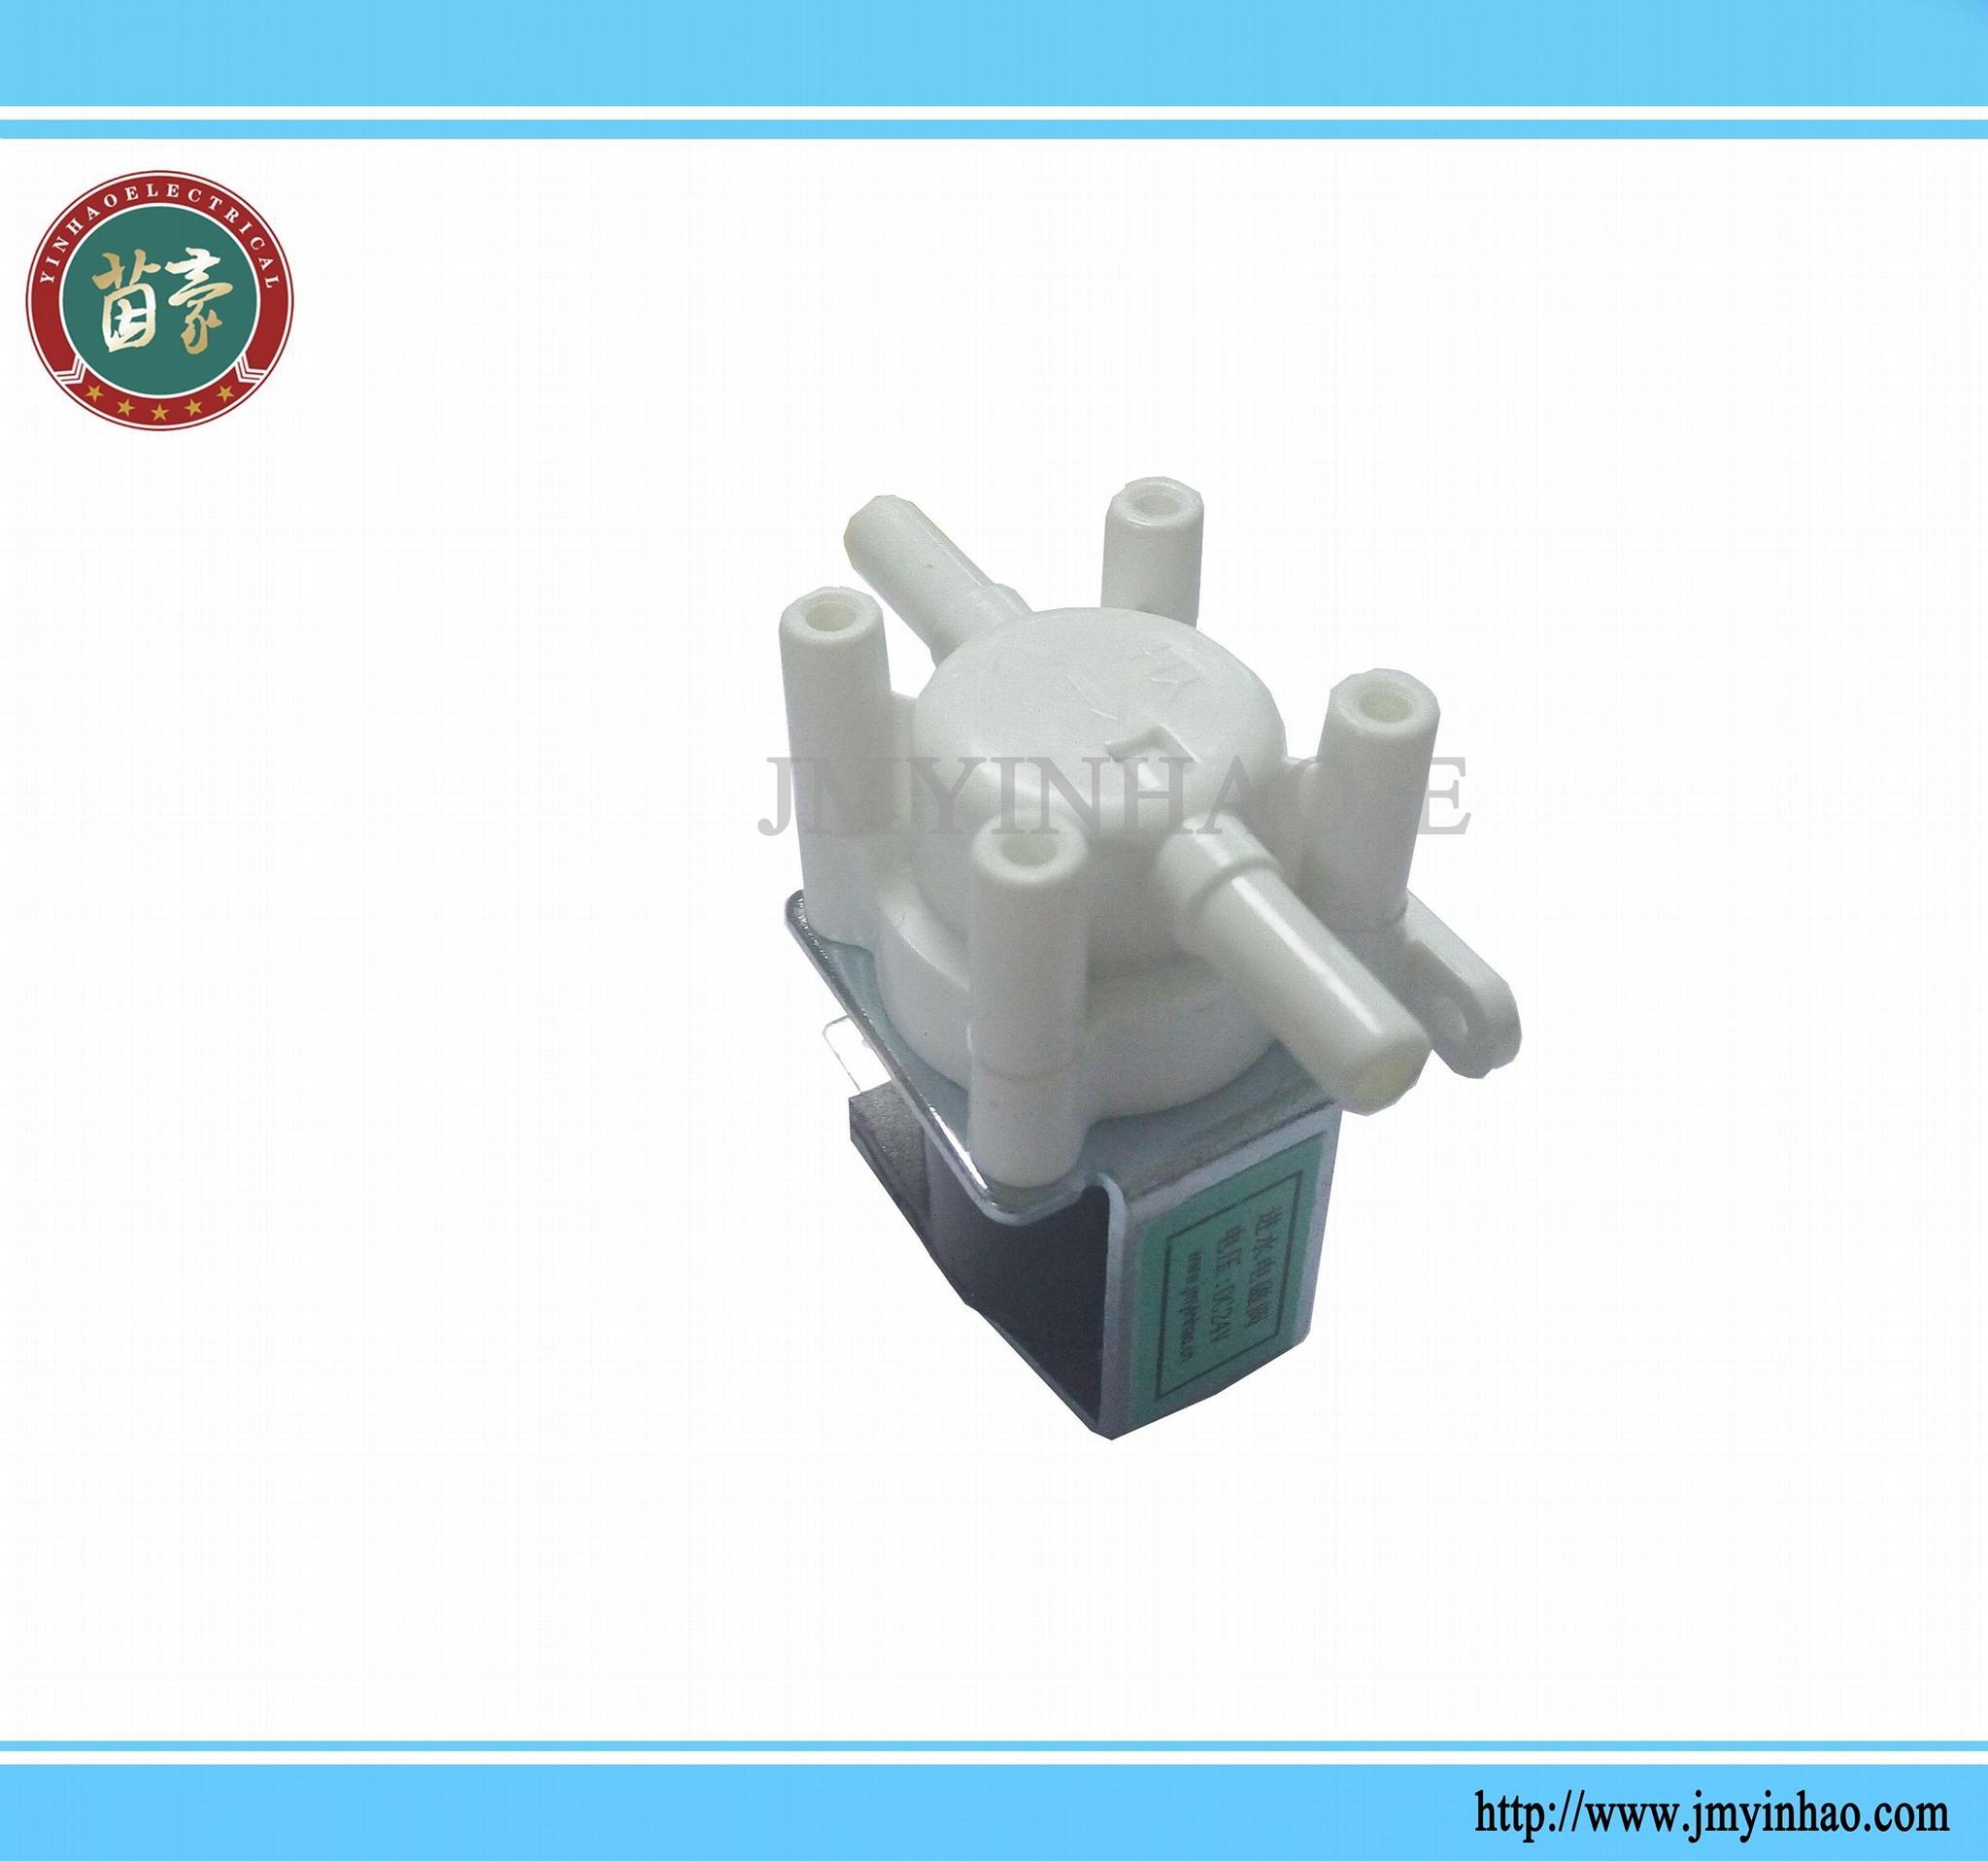 DC12V,DC24V solenoid valve for water purifier